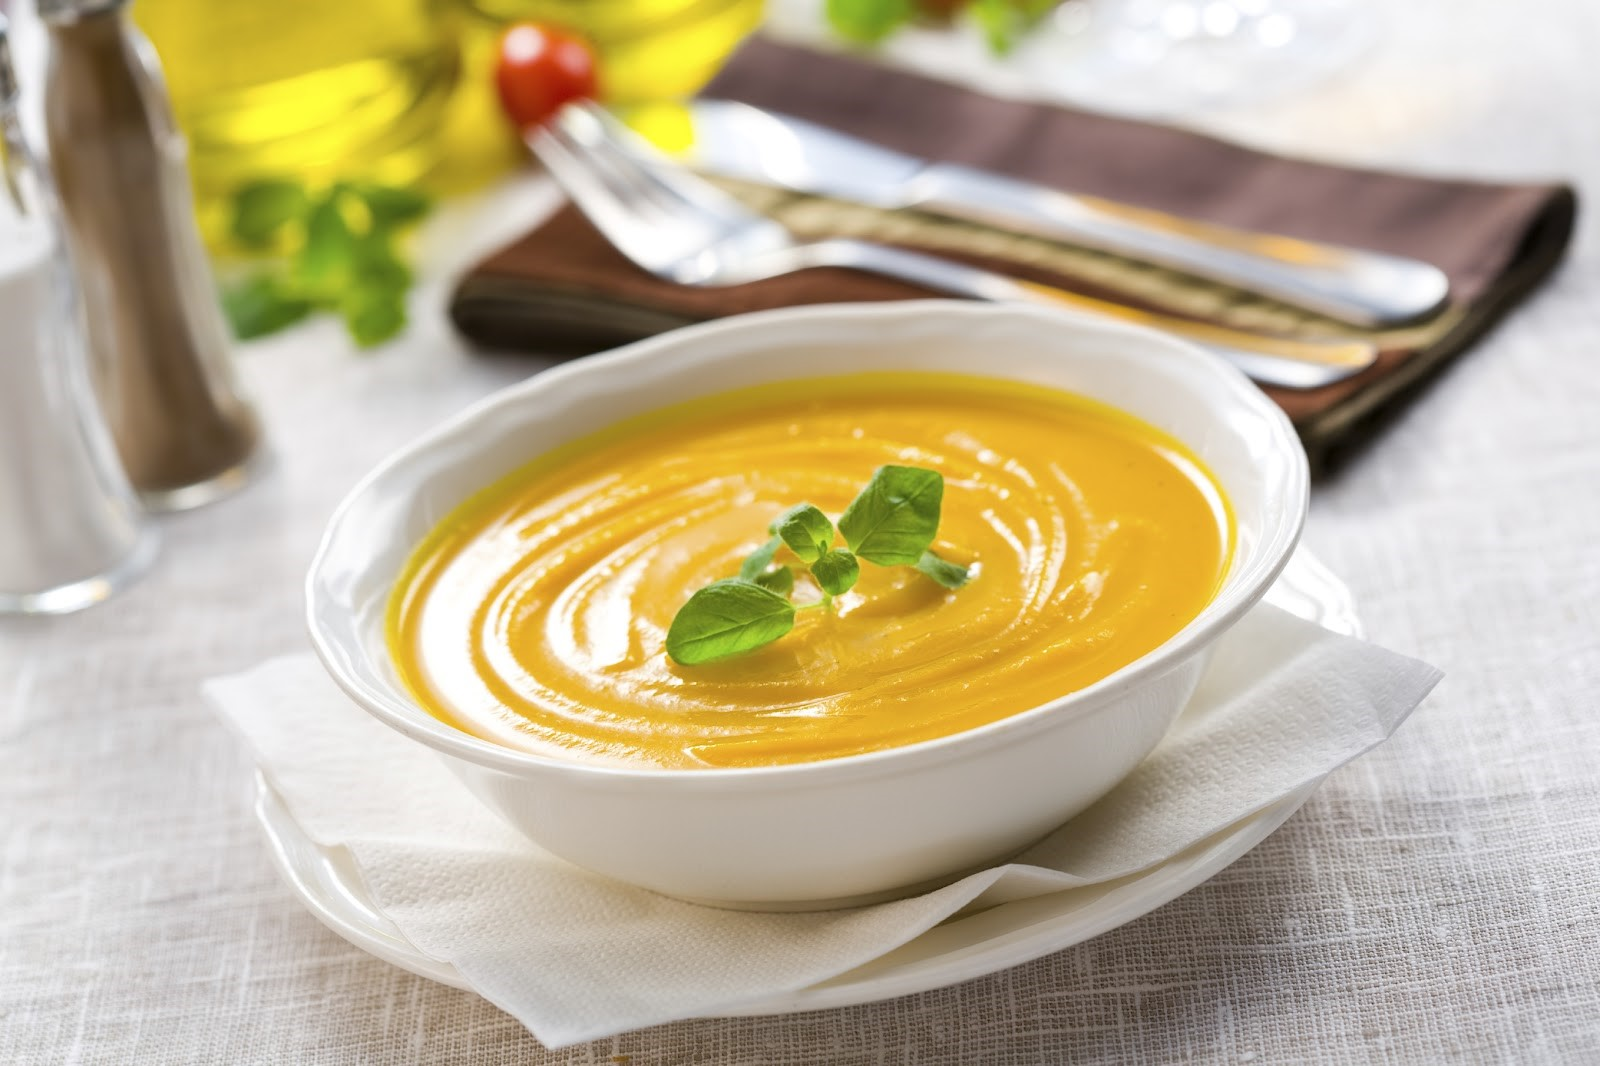 Macam Resep Cream Soup untuk Menghangatkan Badan!